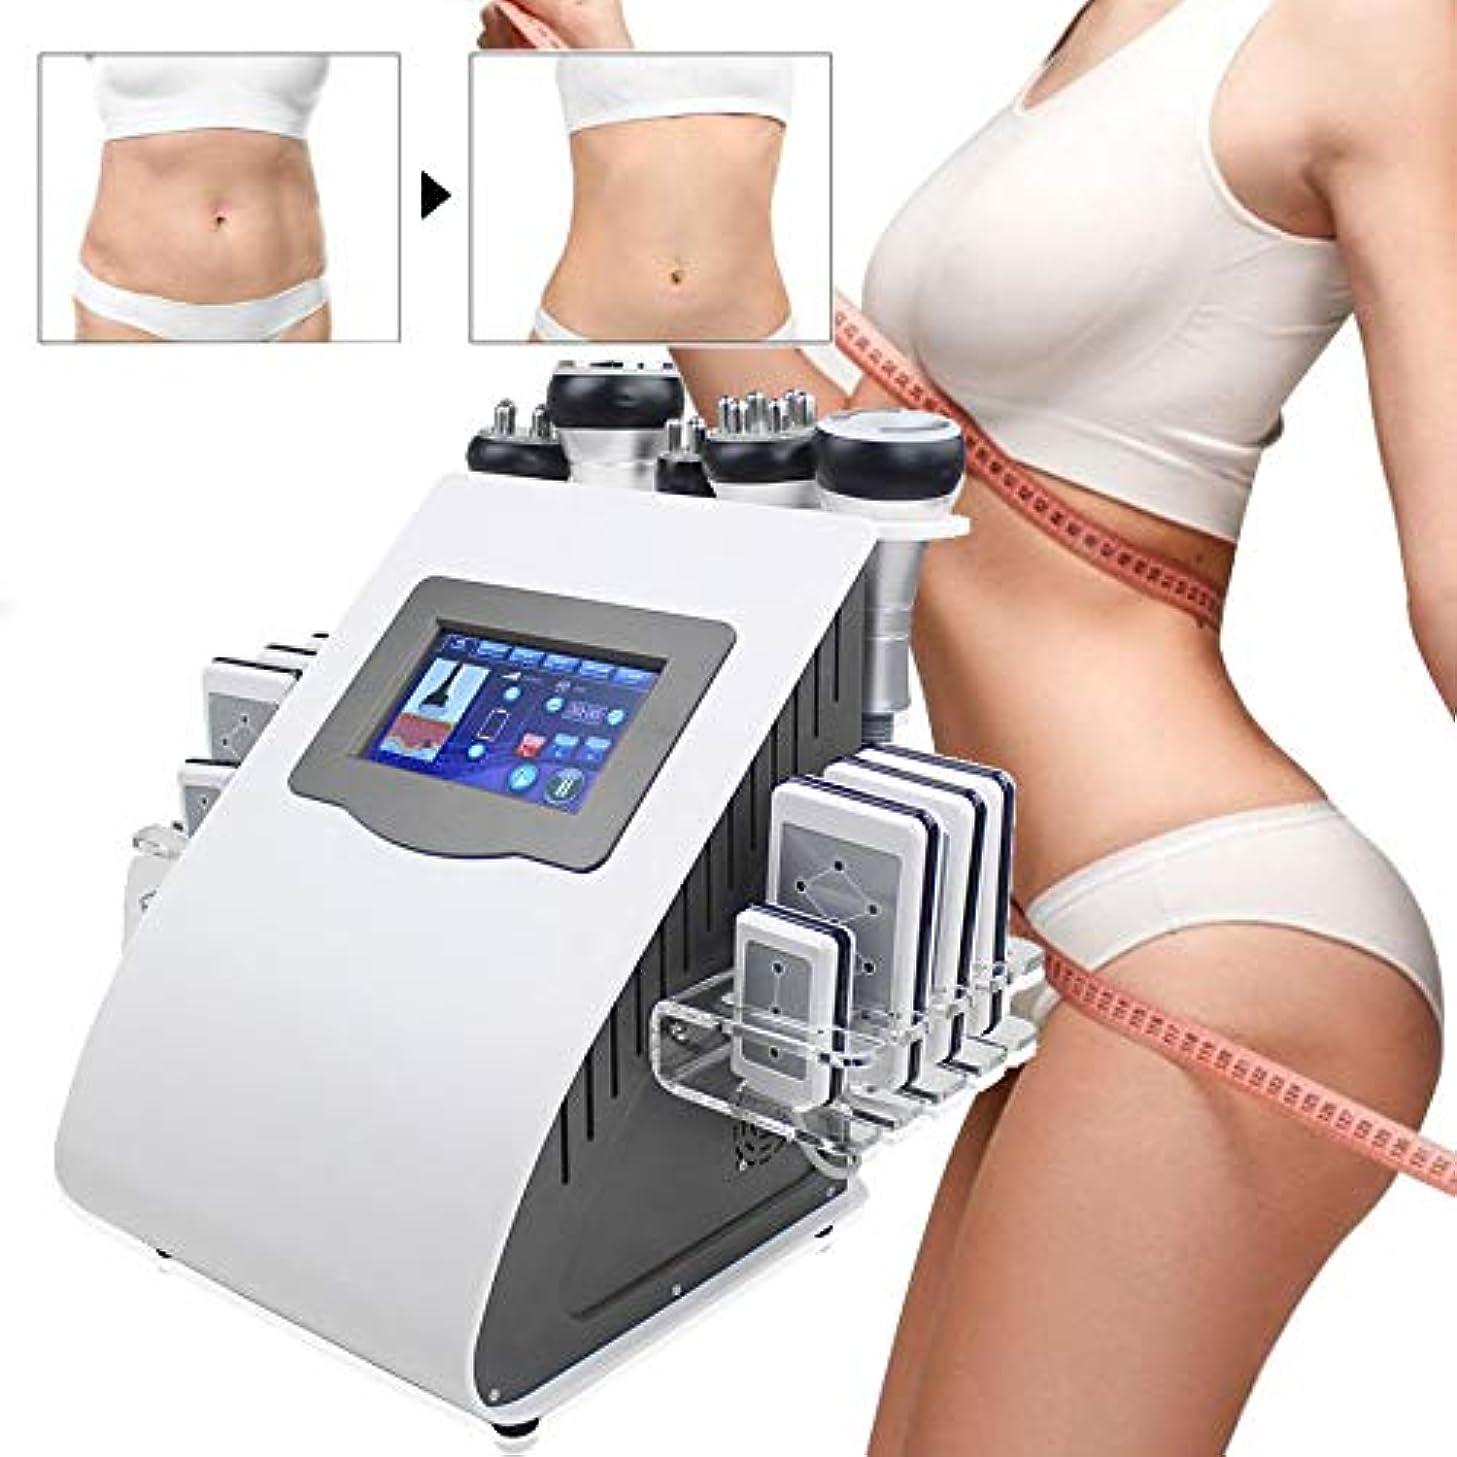 昨日食い違い倫理ポータブルビューティーサロン 6 in 1 無料脂肪デバイス、 RF 40k 体脂肪減量マシン、 フェイスボディシェーピング 肌の引き締め しわの除去 機械